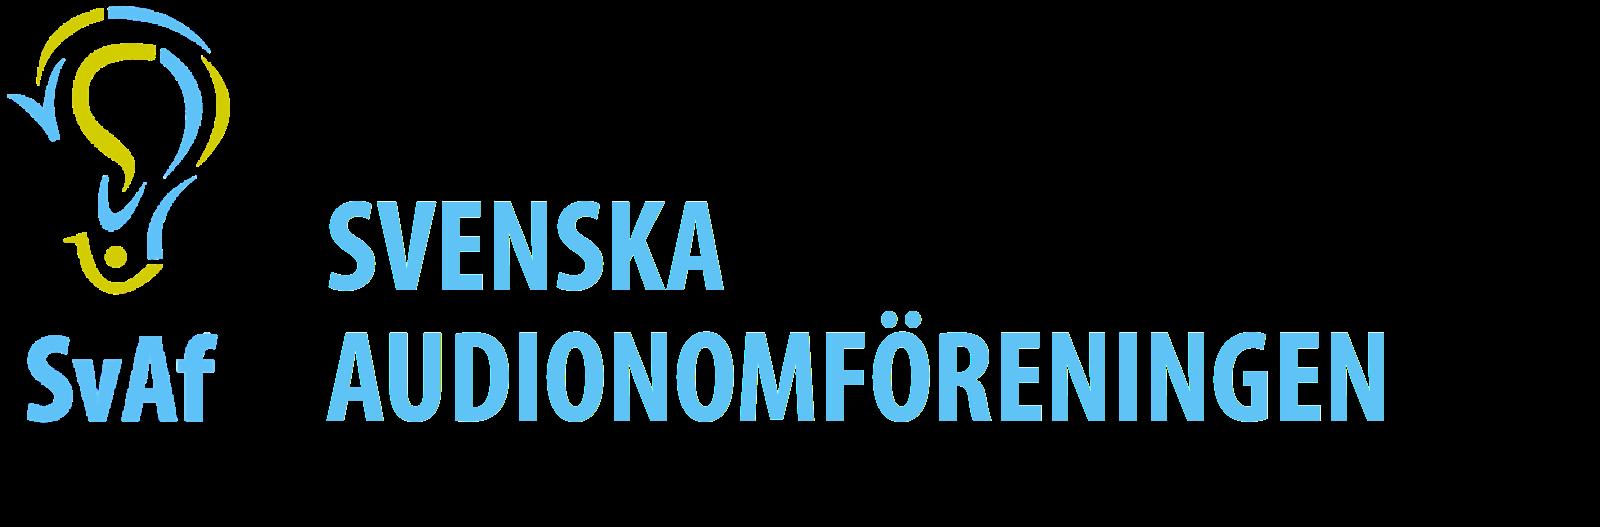 Svenska Audionomföreningen